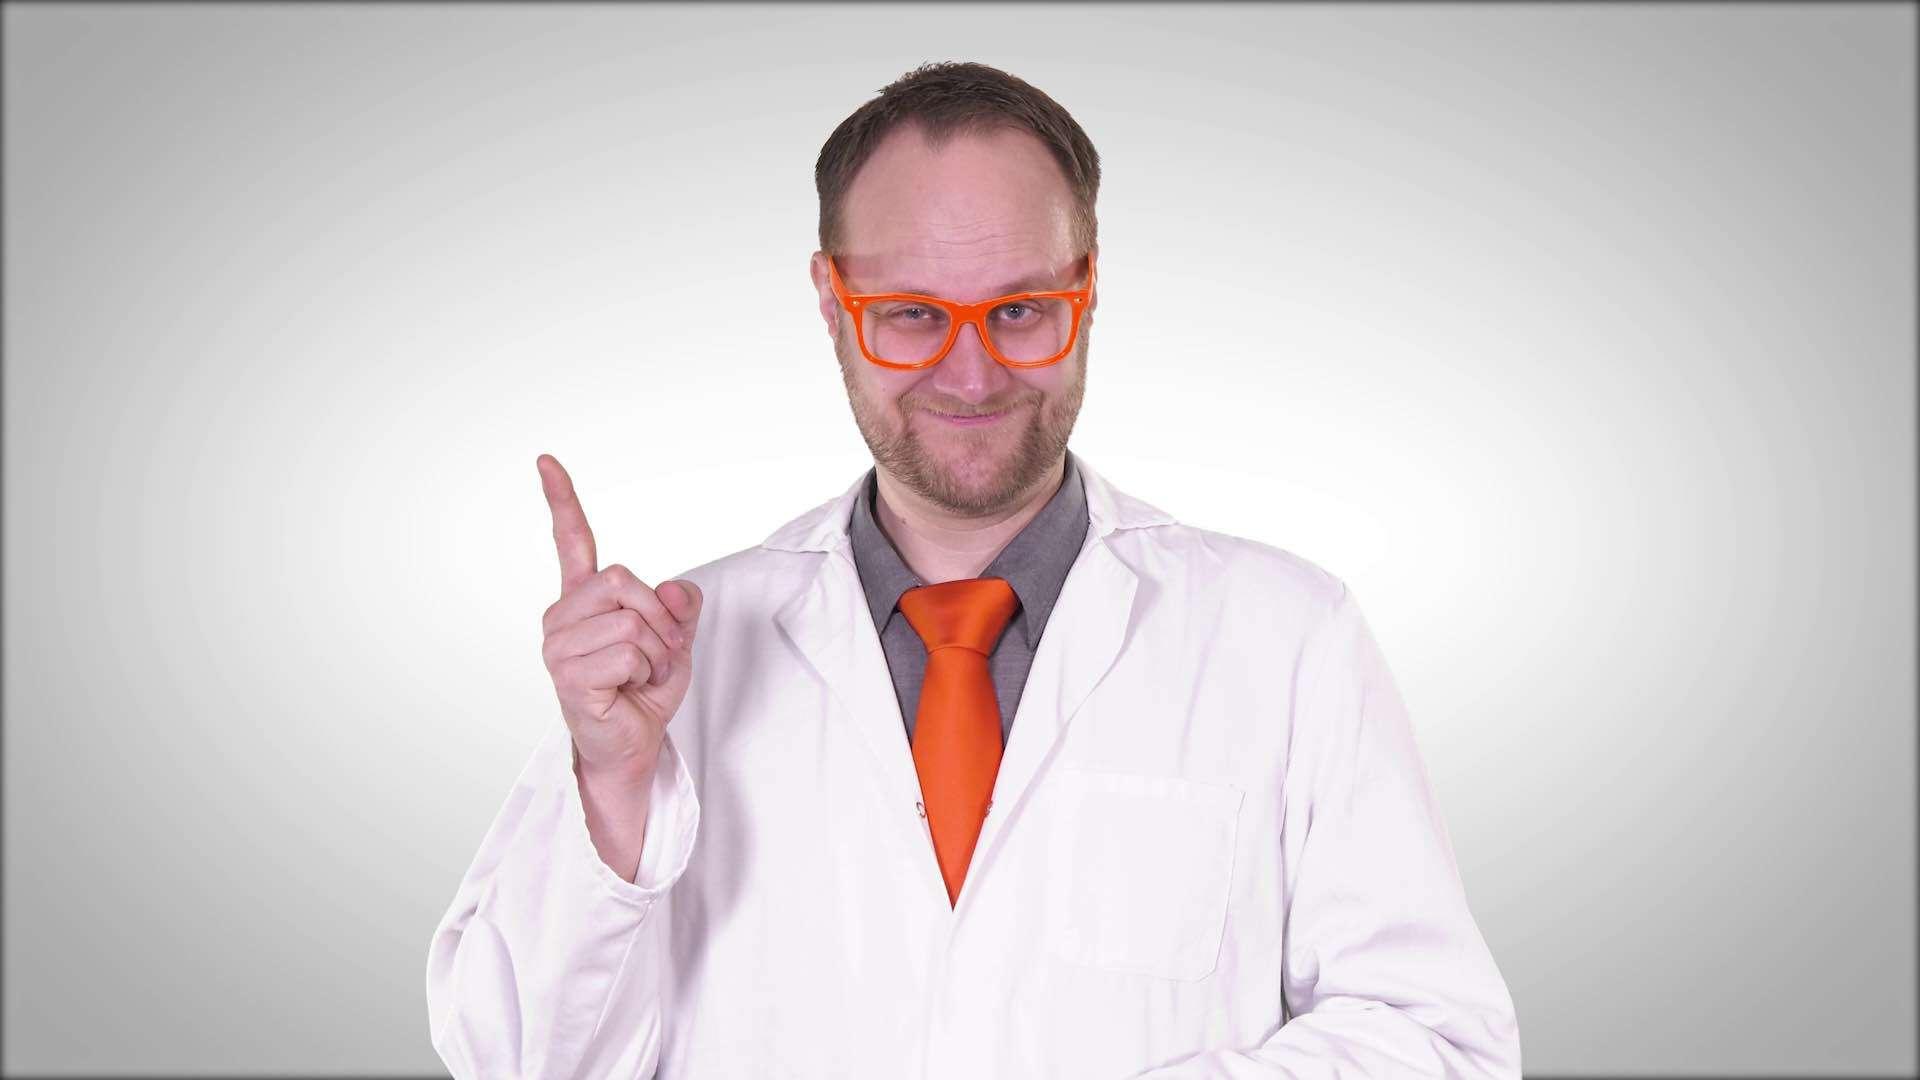 Eine Mann mit orangefarbener Brille und Krawatte in einem Labor-Mantel hebt den rechten Zeigefinger